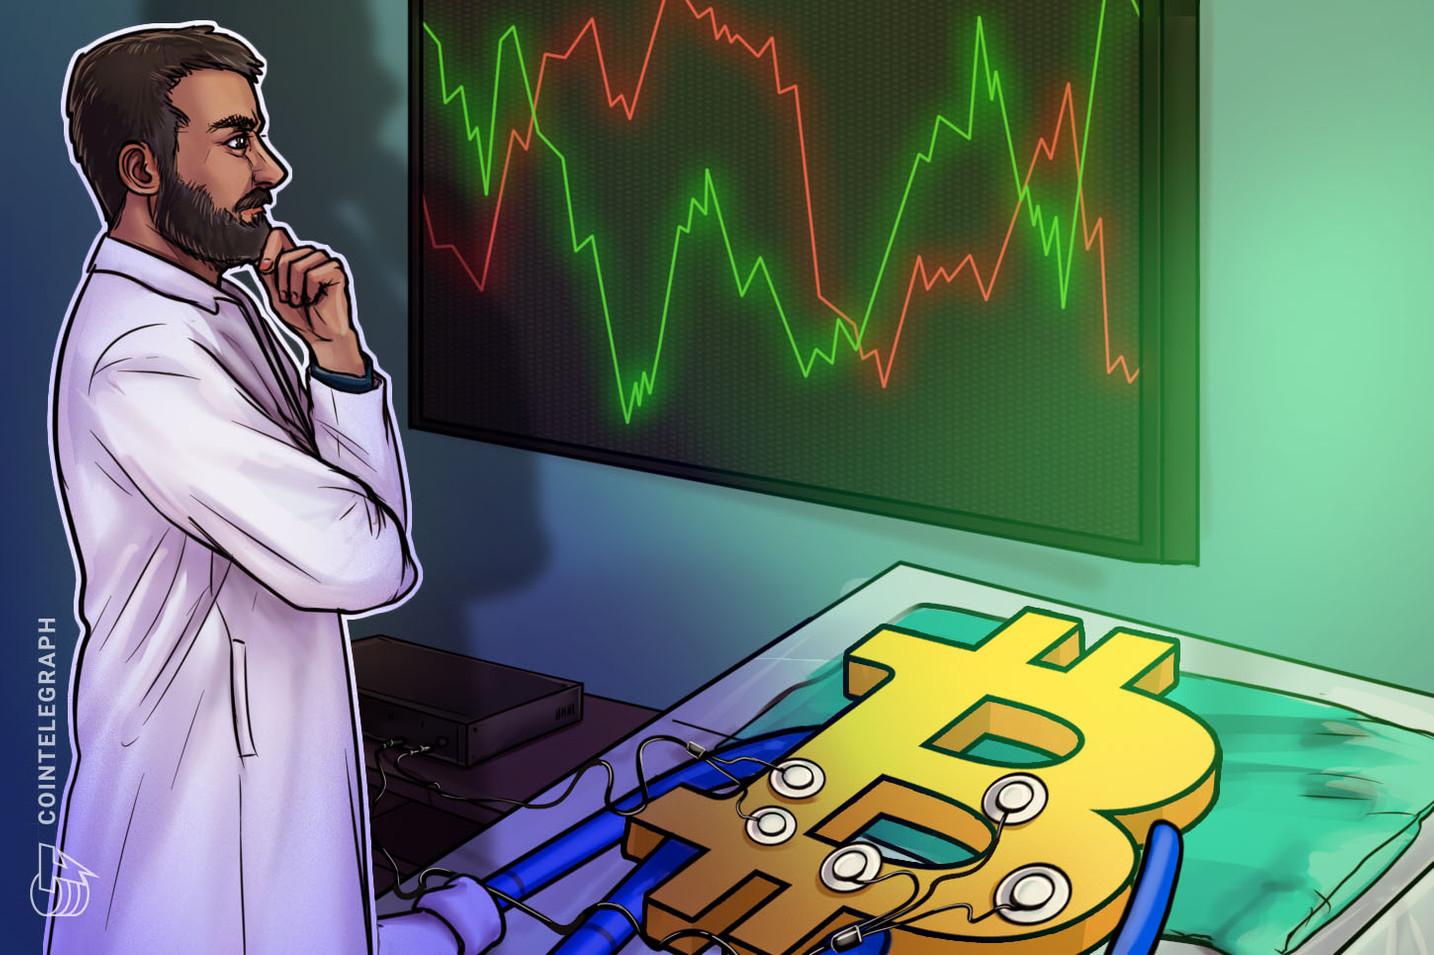 ビットコインはまだ弱気なのか 「イーロン・マスク効果」もクジラの売りで全戻しに